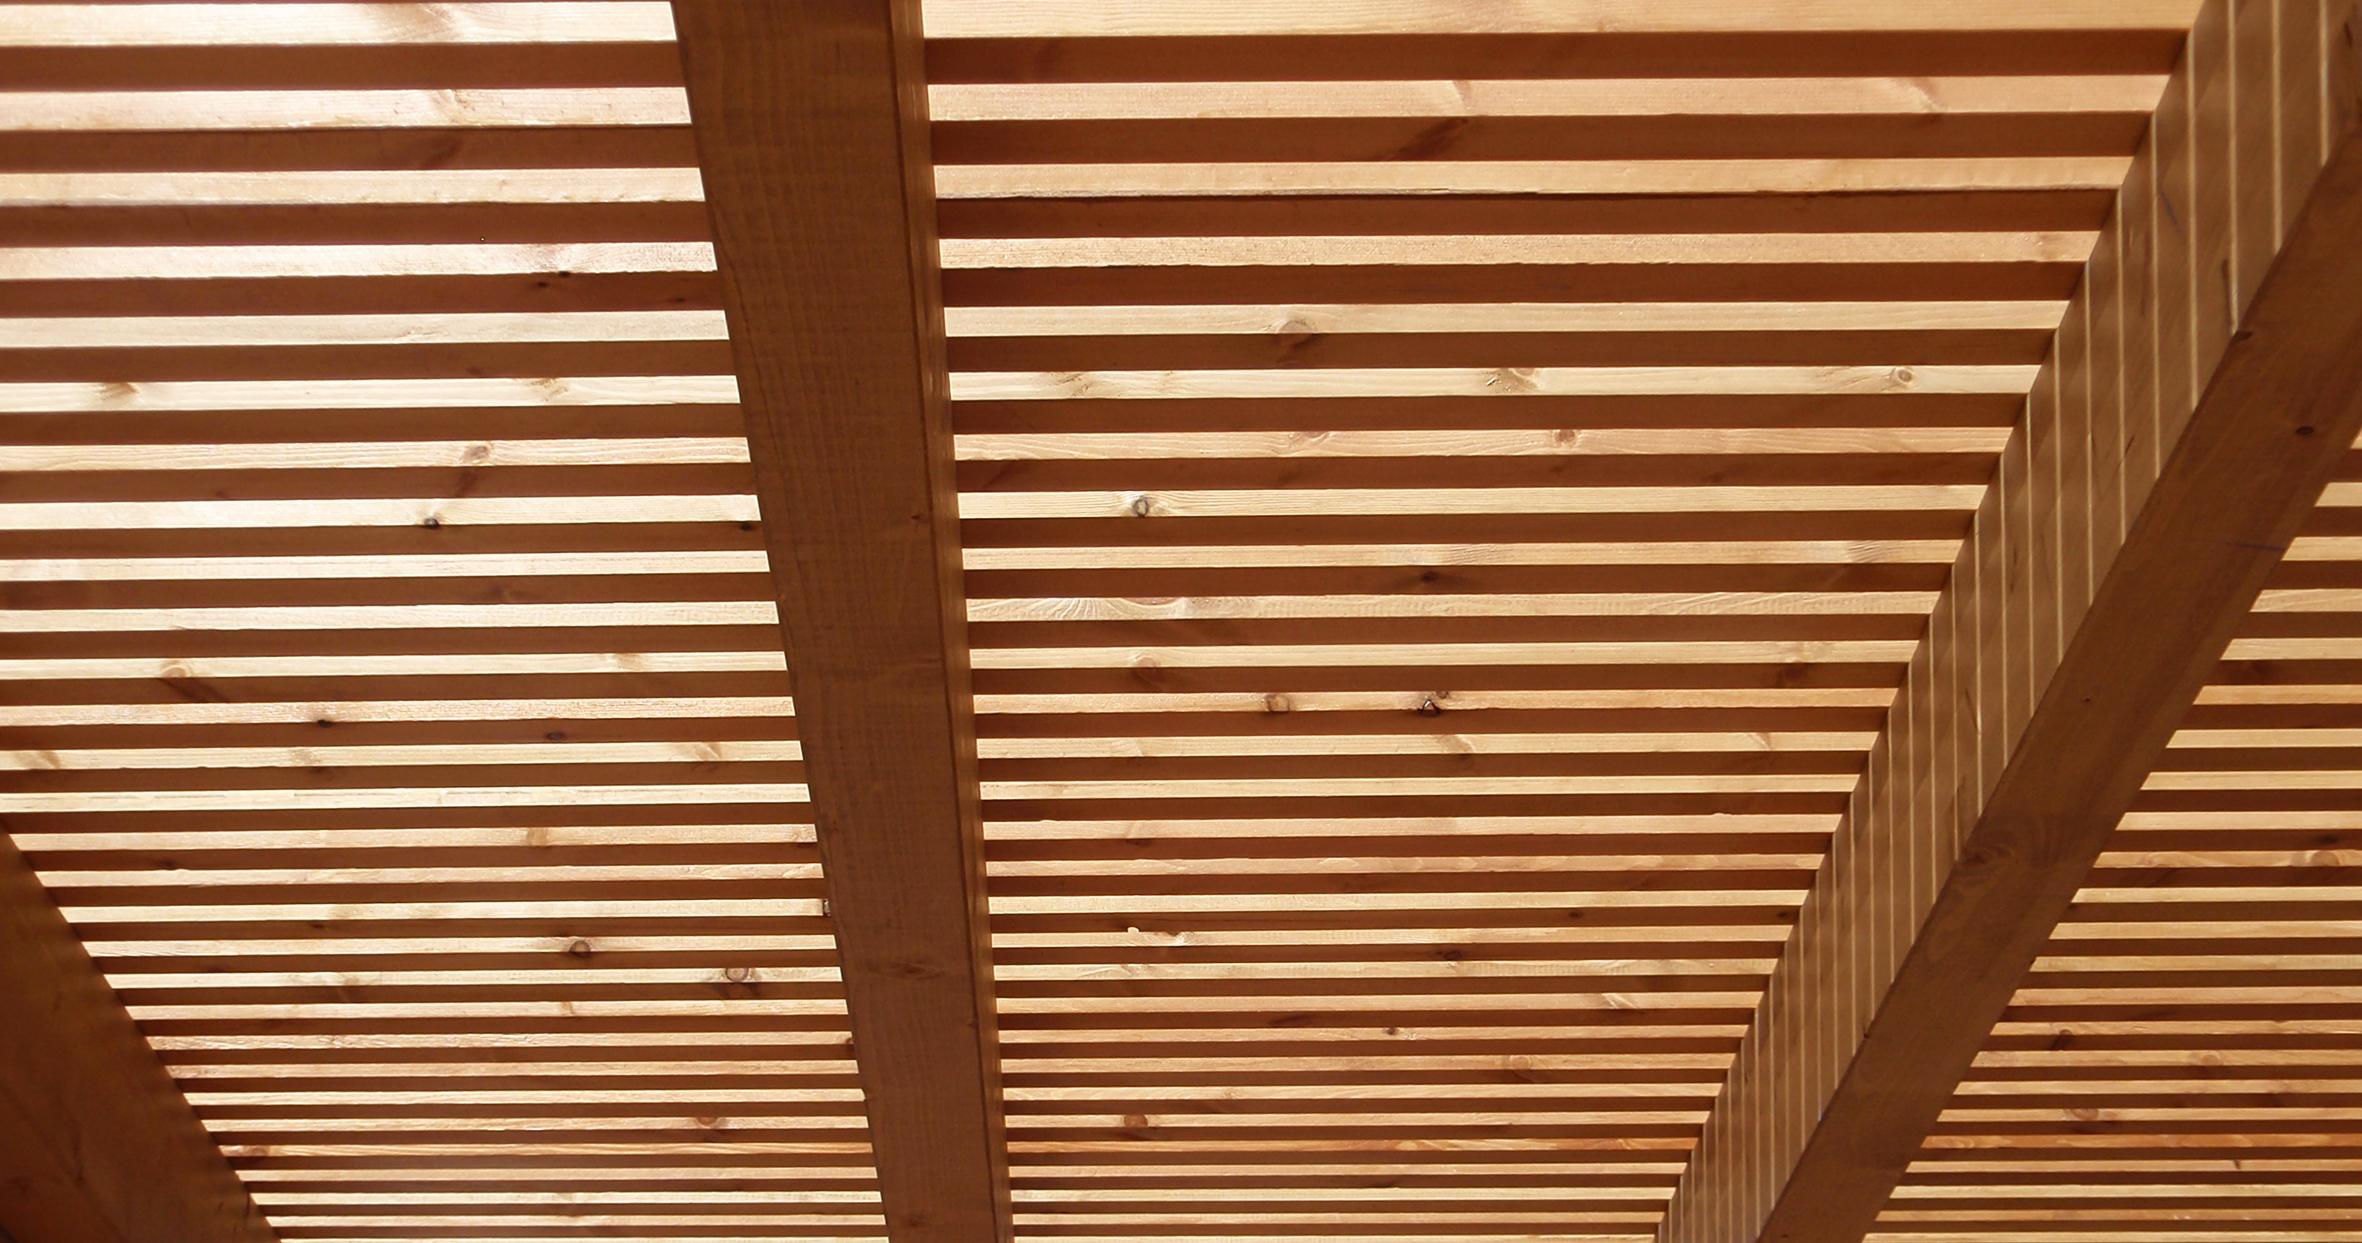 interexter-proyectos-reformas-decoracion-obrasmenores-pergola-madera-08.jpg